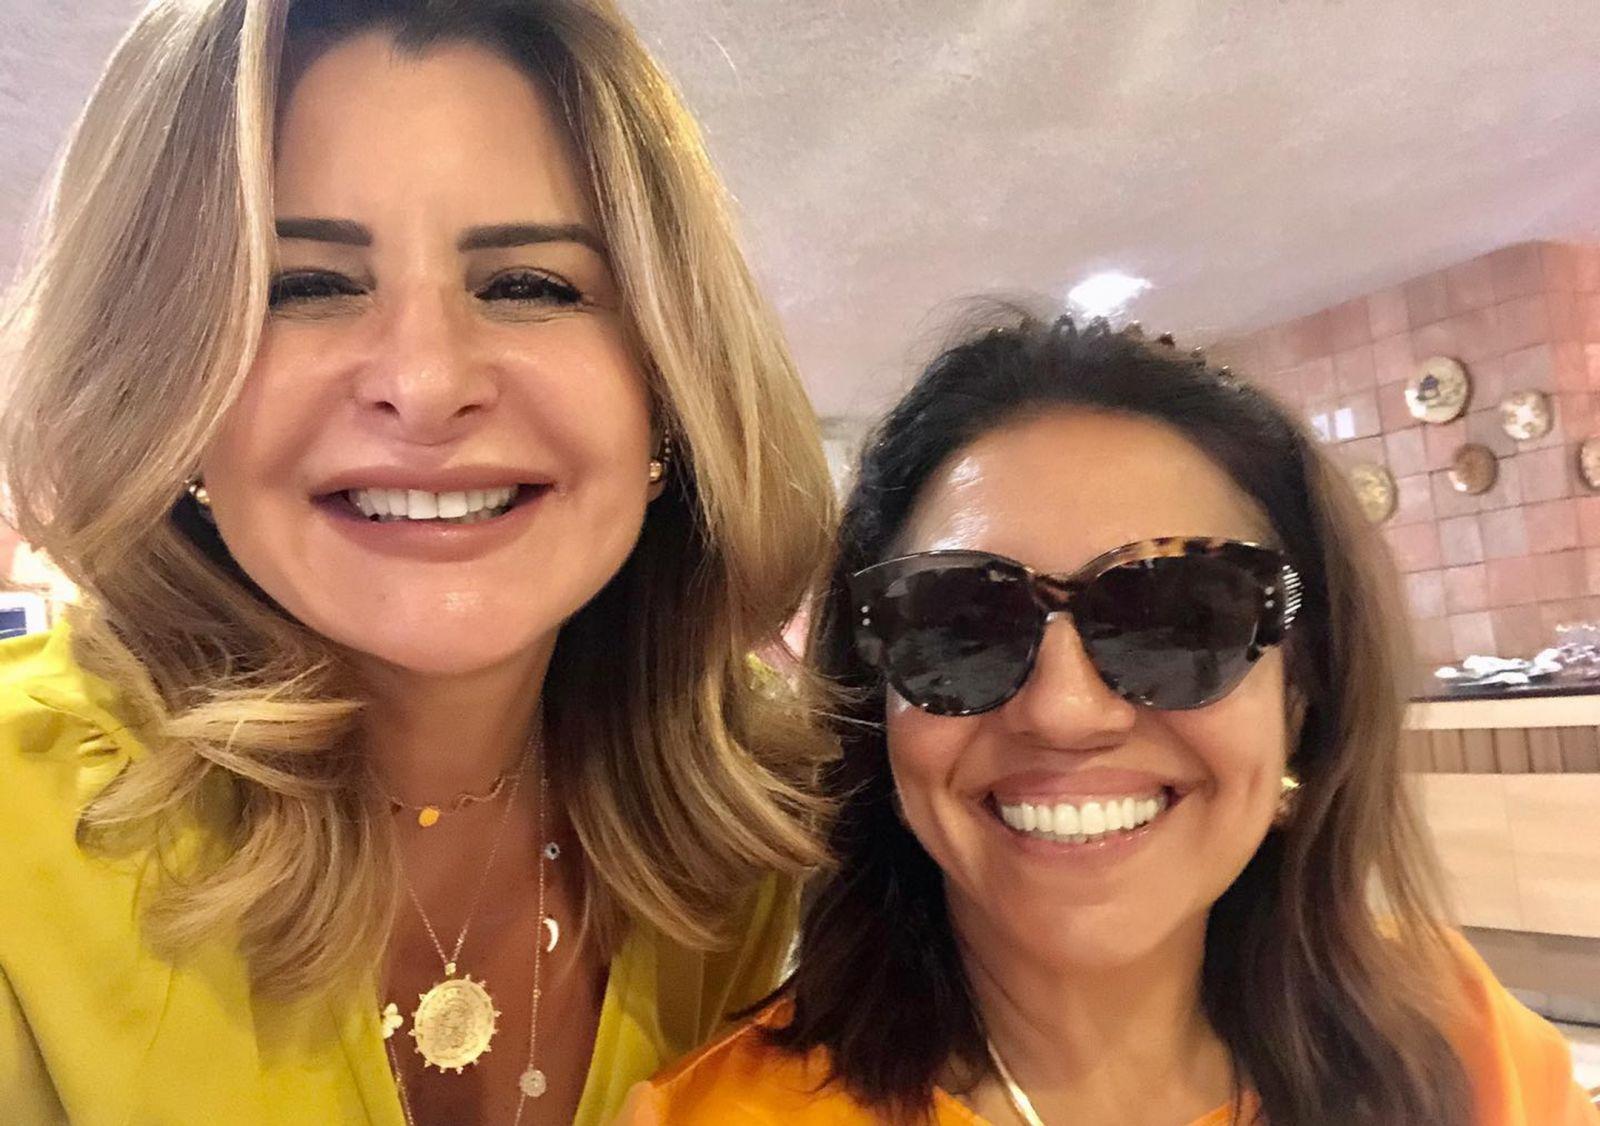 Laura Tanure a de oculos é a aniversariante do dia, na foto ela está com Graçe Valadares